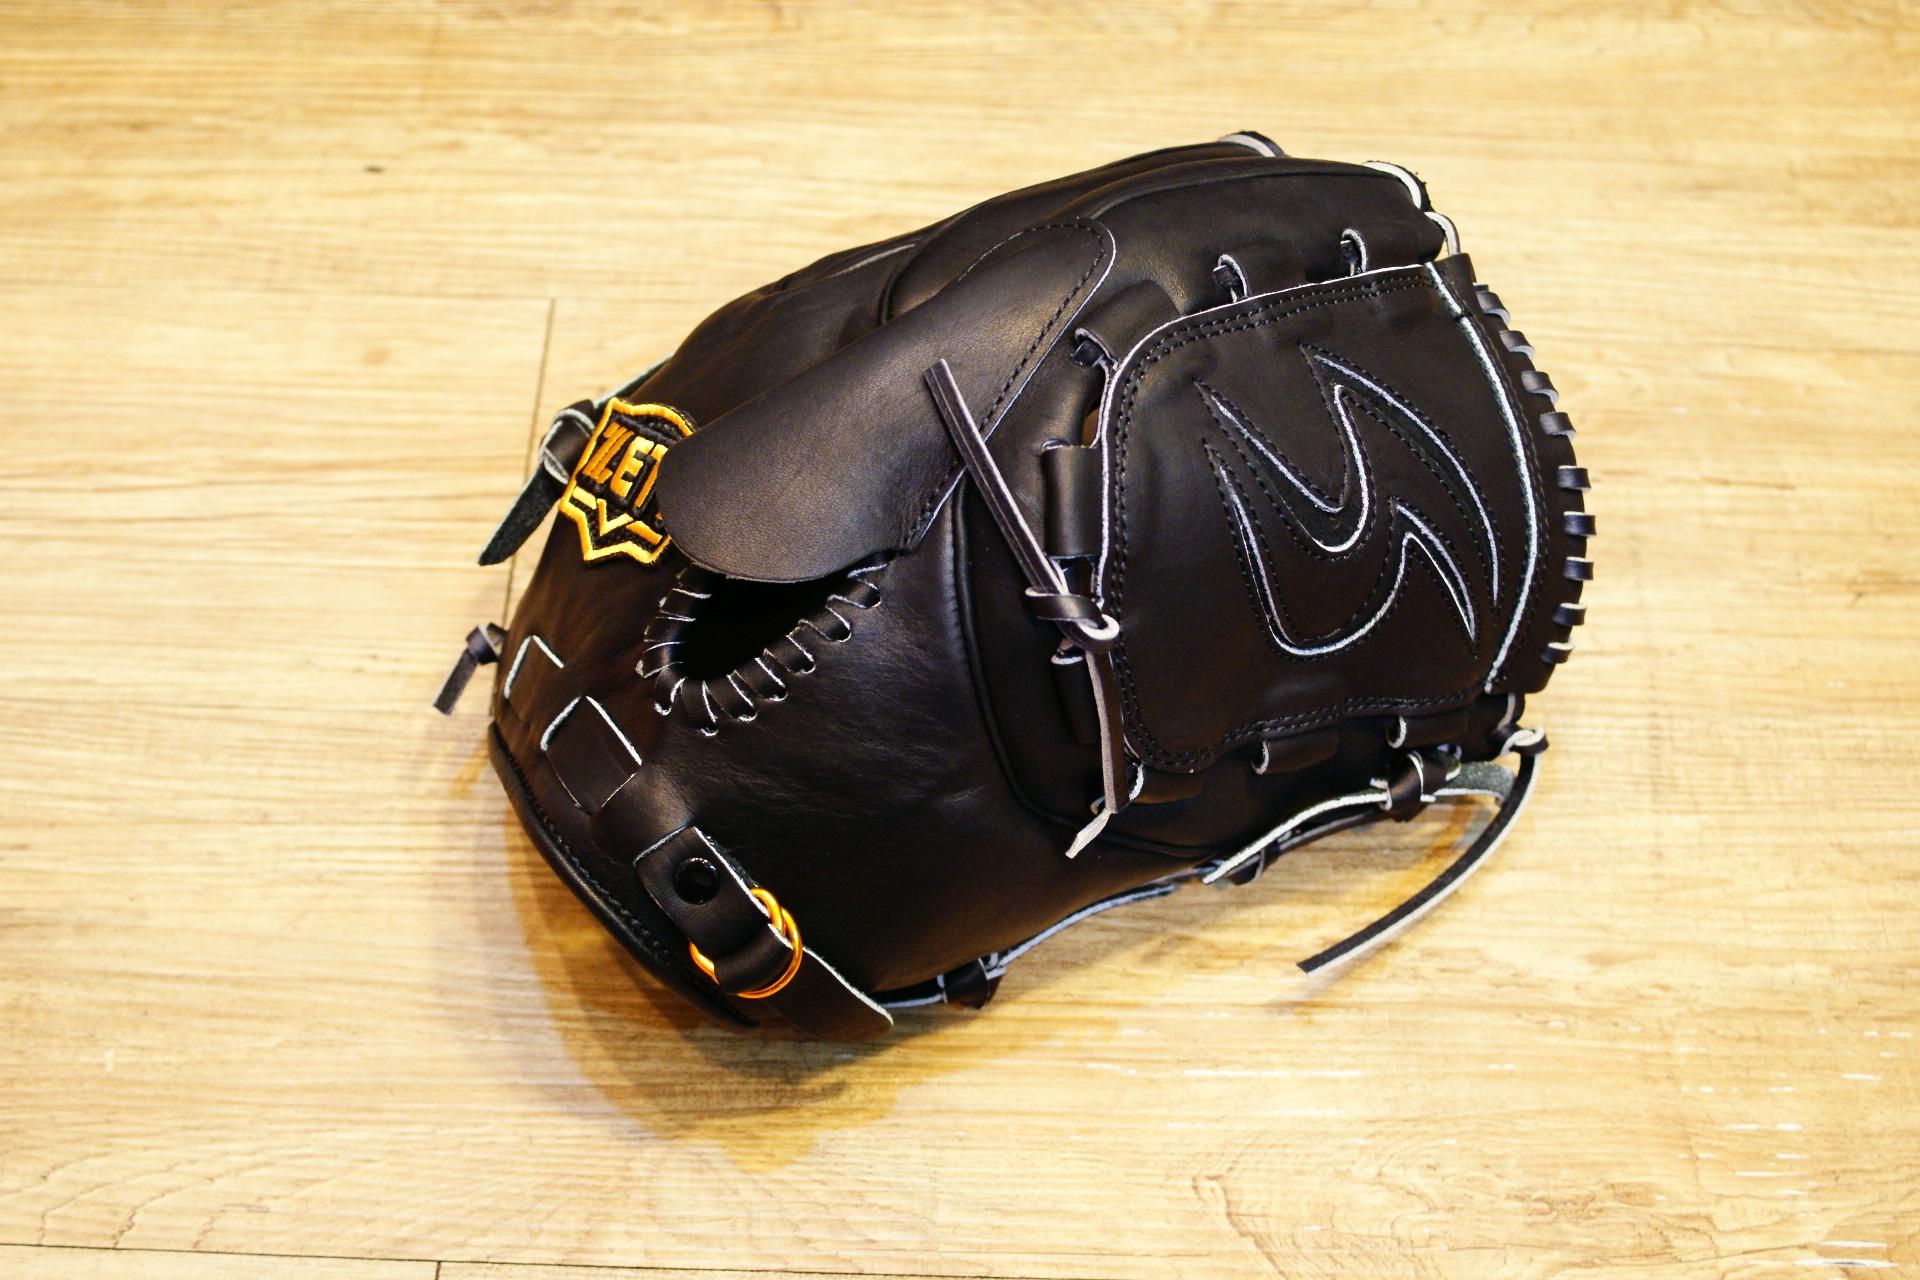 棒球世界 ZETT硬式金標棒球投手手套 特價 本壘版標 黑色